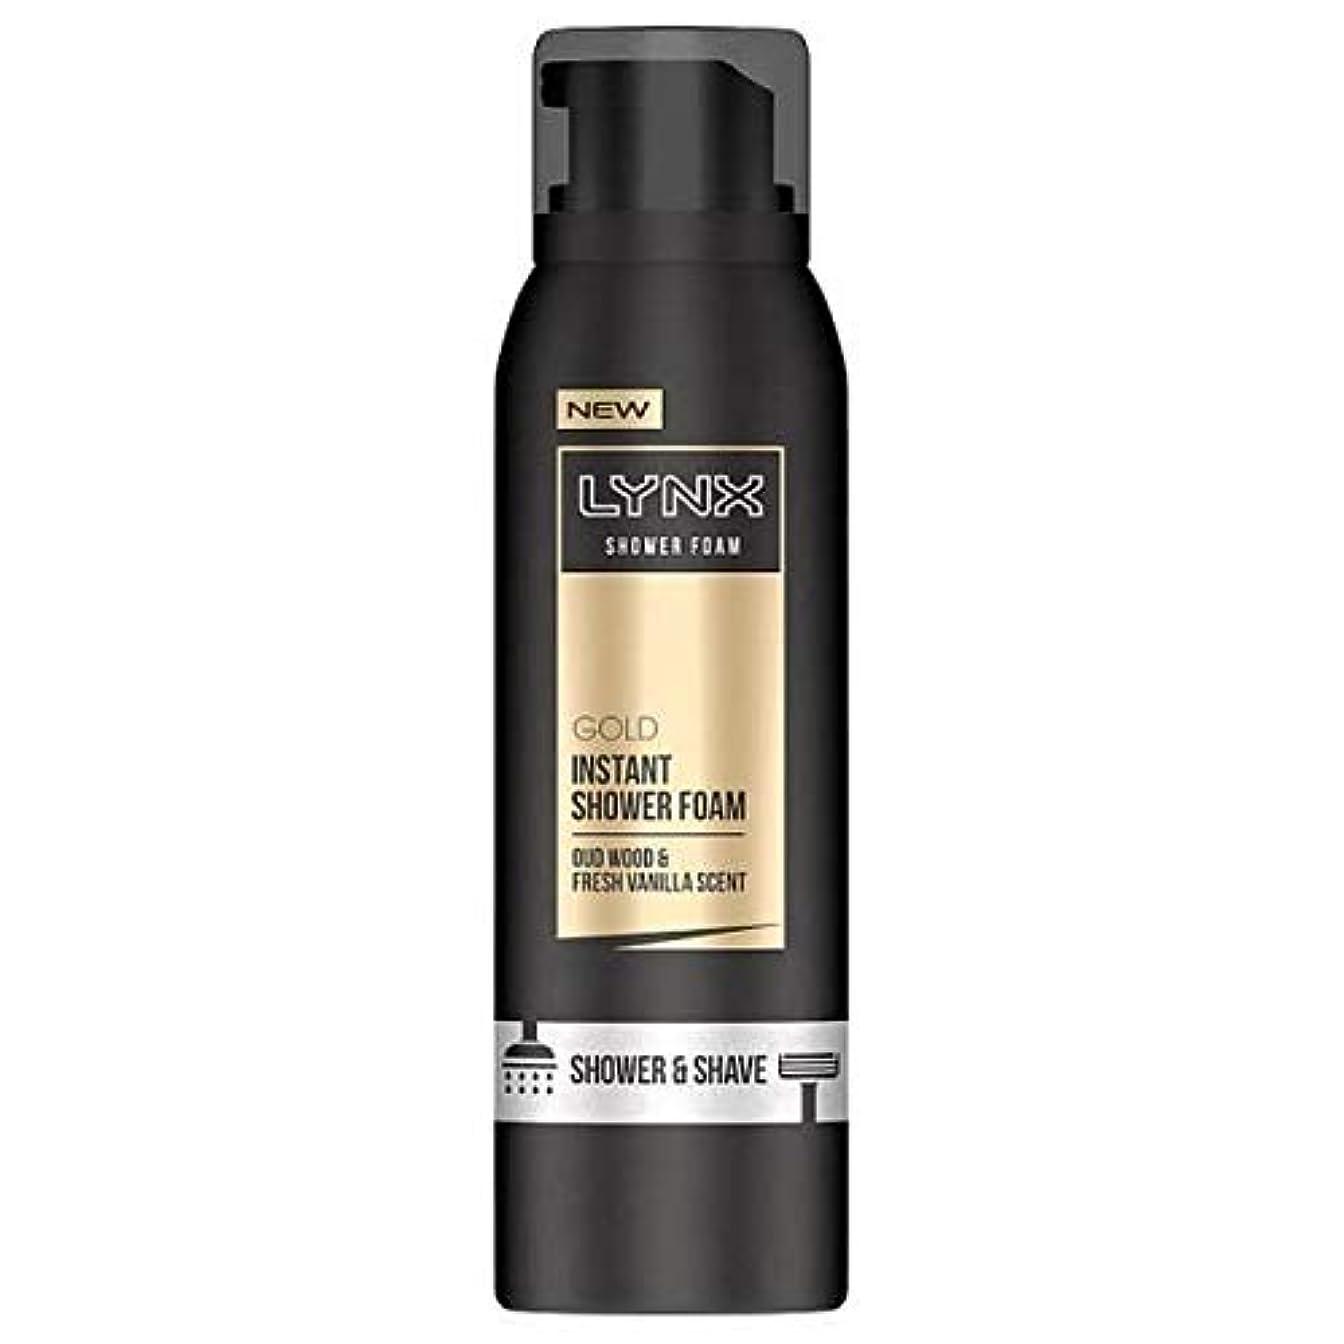 いくつかの許可プライバシー[Lynx ] オオヤマネコウードウッド&バニラの香りのシャワー&泡200ミリリットルを剃ります - Lynx Oud Wood & Vanilla Scent Shower & Shave Foam 200ml [並行輸入品]